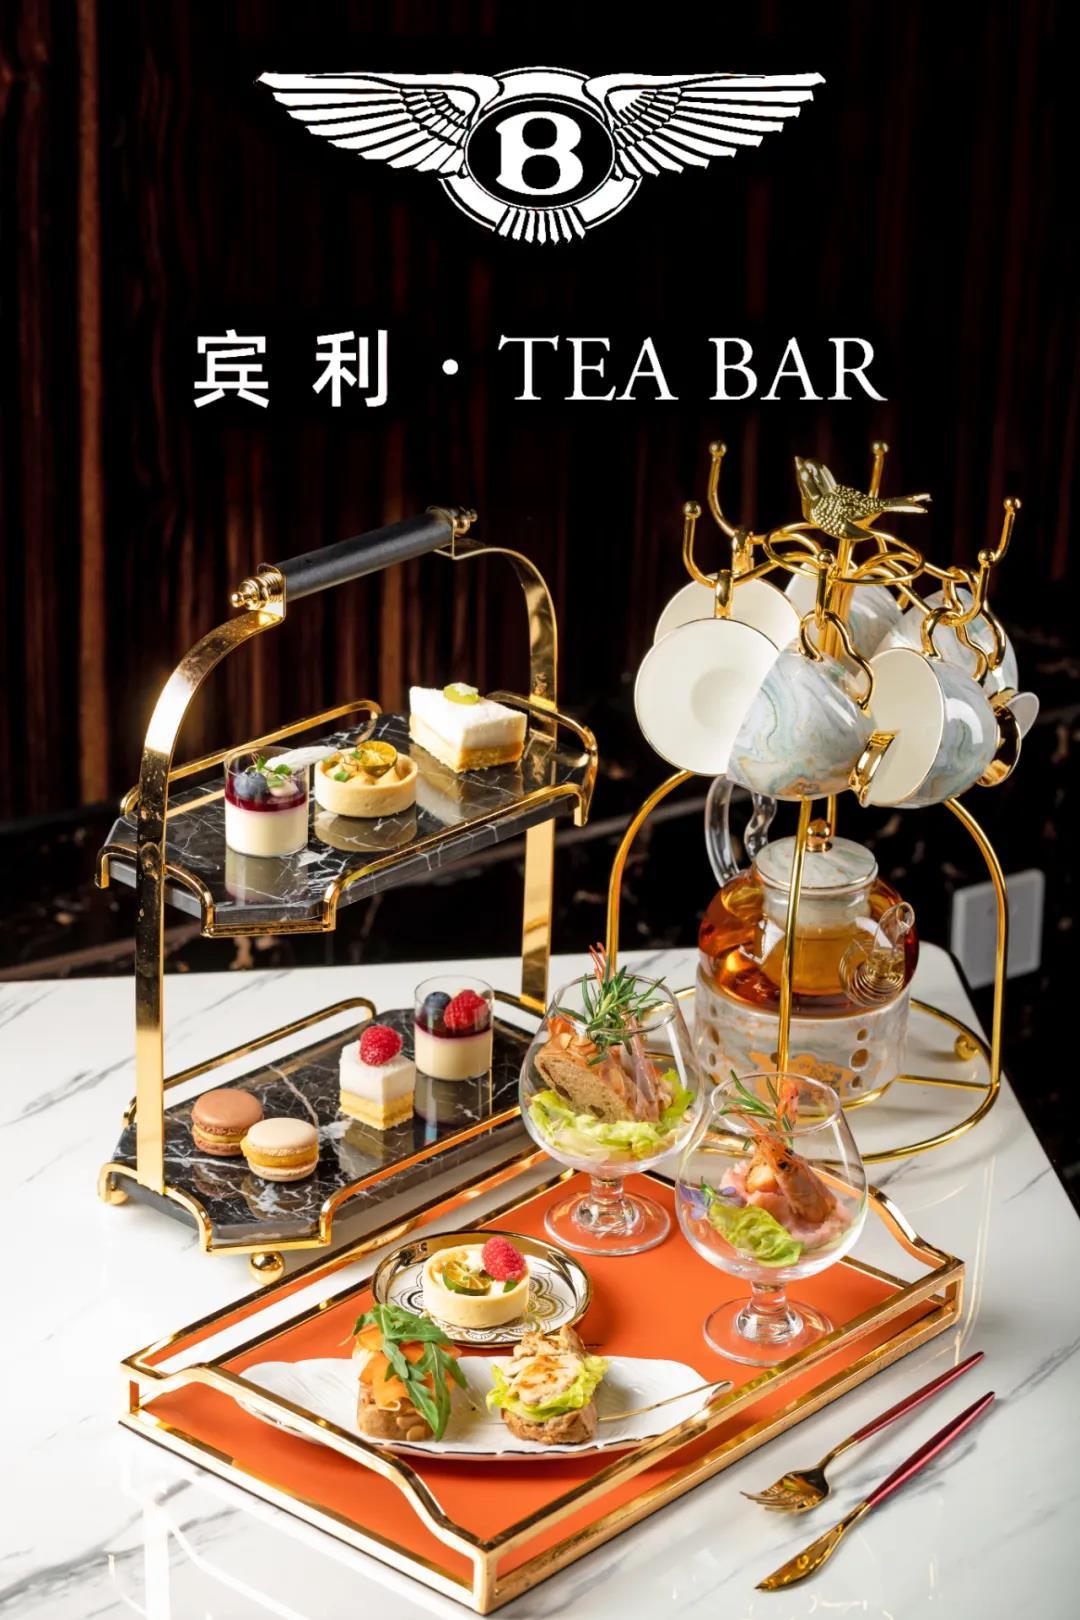 【碑林区丨钟楼】一大批集美们常驻了!¥29.9抢价值142元「宾利」惬意单人下午茶=甜品4选1+饮品2选1+新鲜精美果盘!